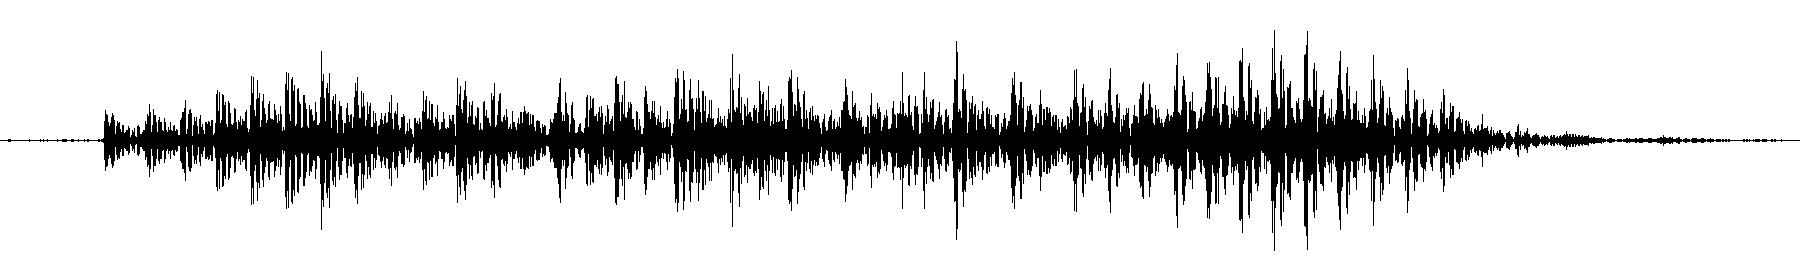 323712 burp42 wav